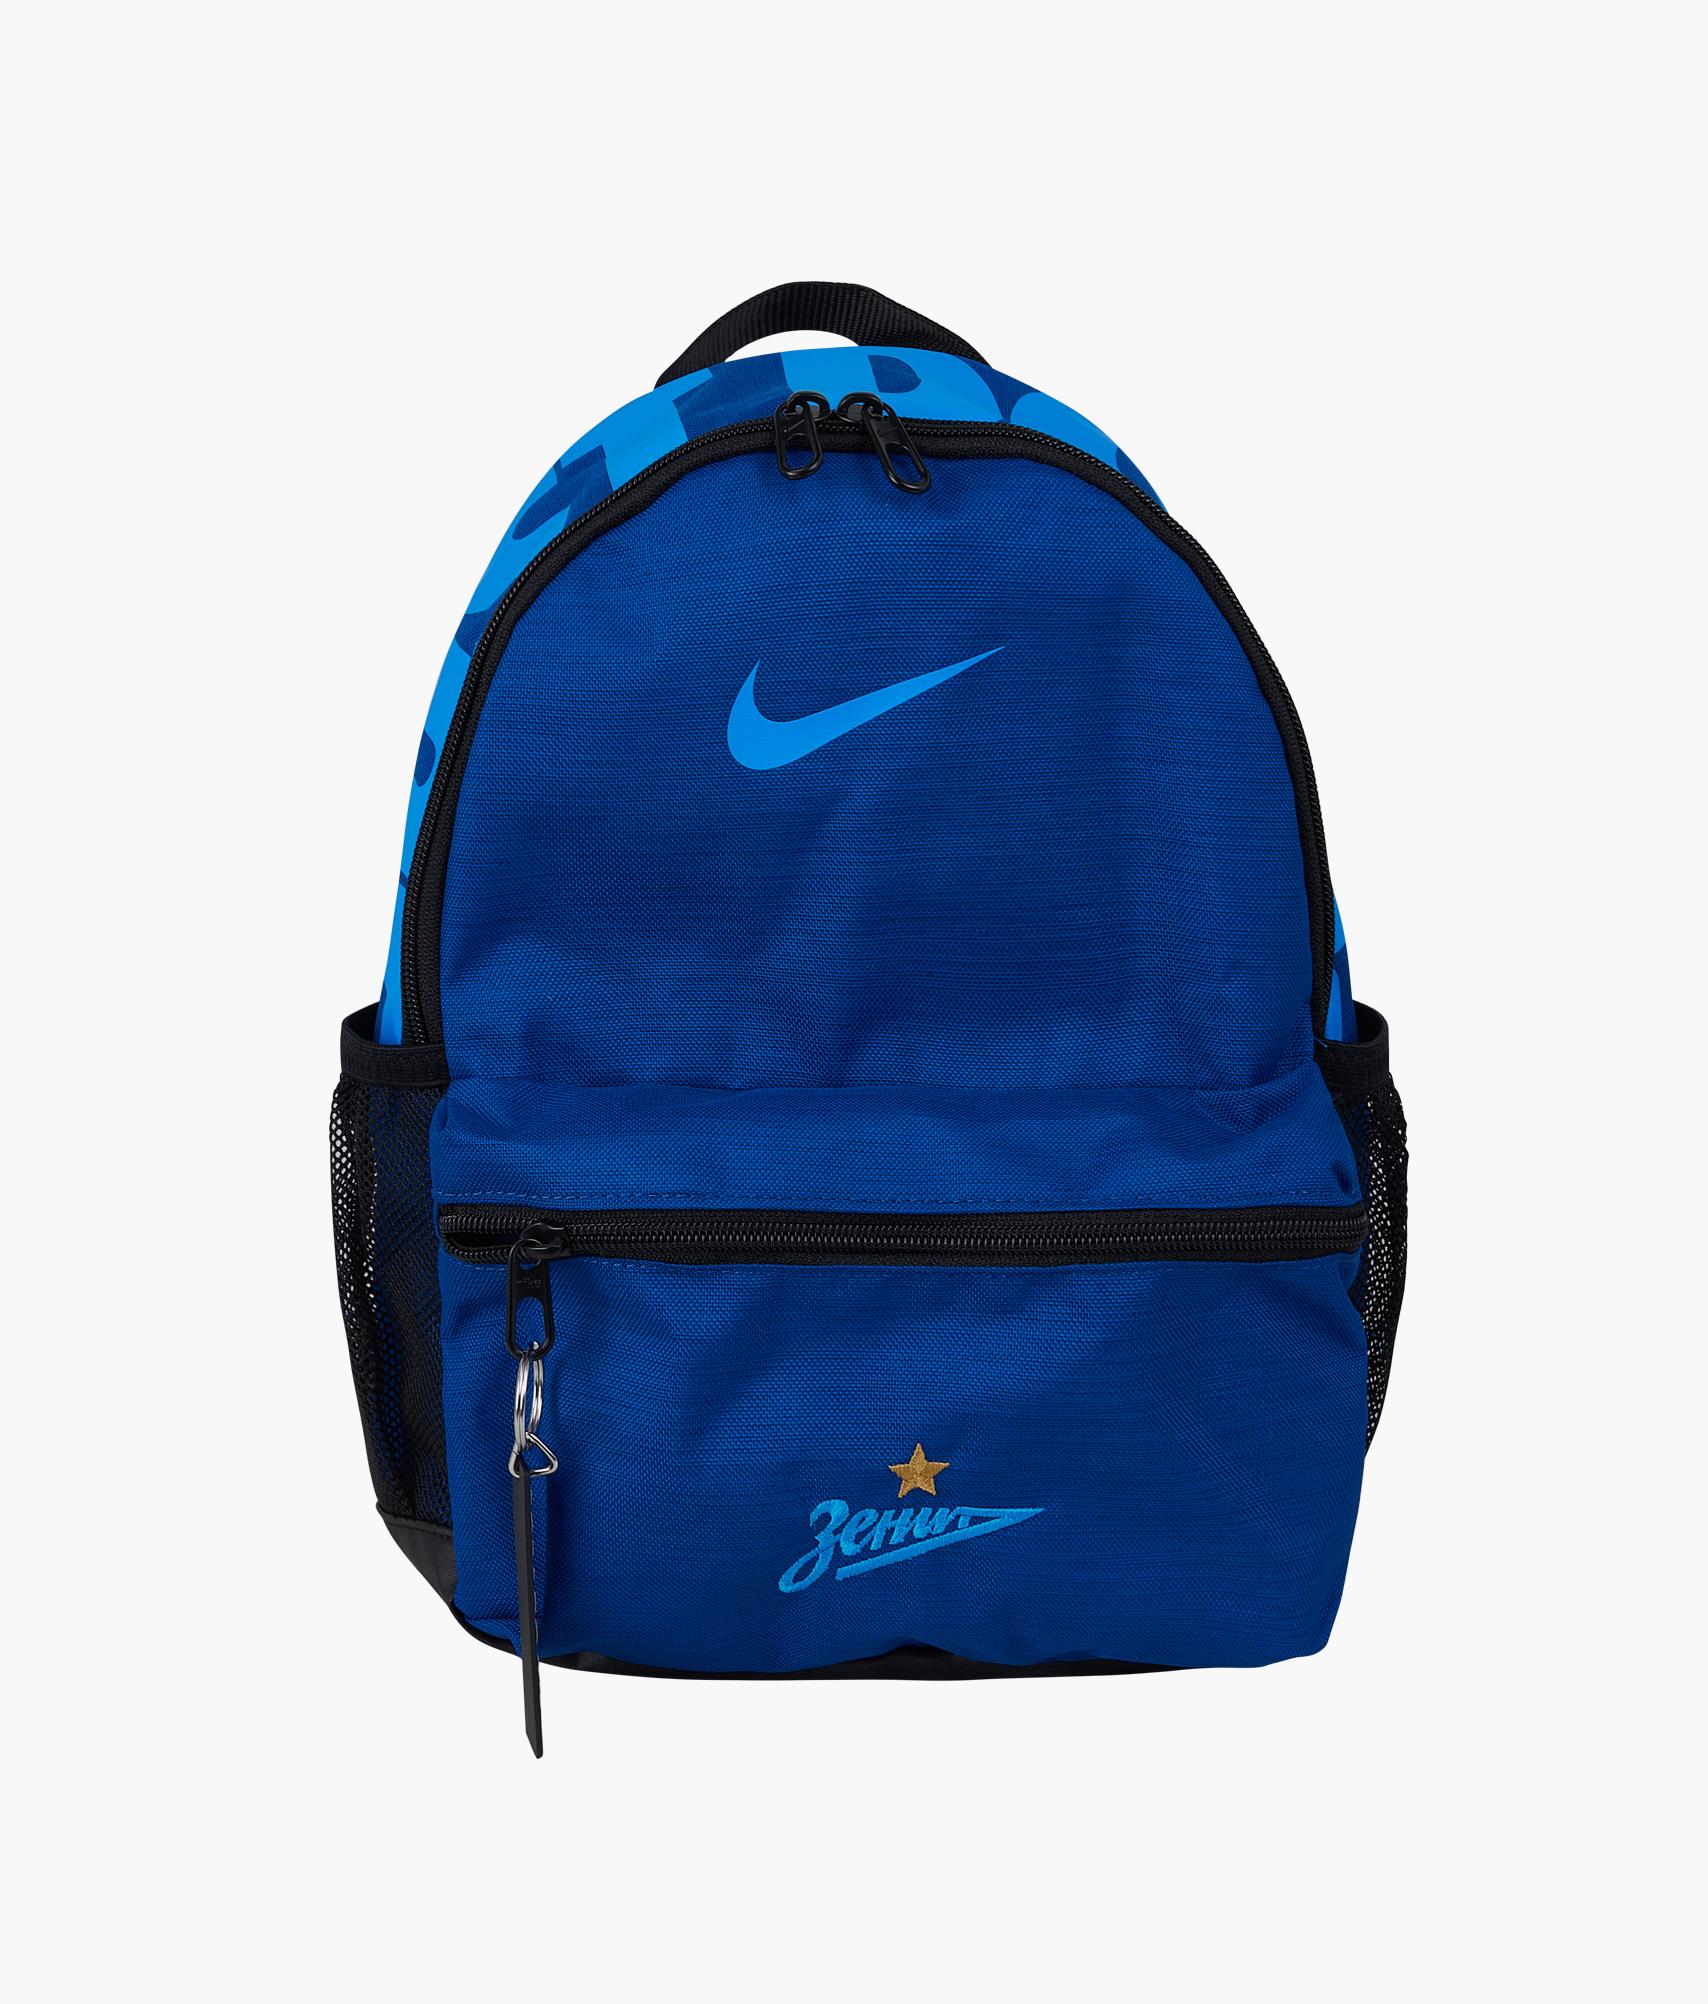 Рюкзак детский Nike Nike Цвет-Синий рюкзак детский nike brasilia backpack ba5473 480